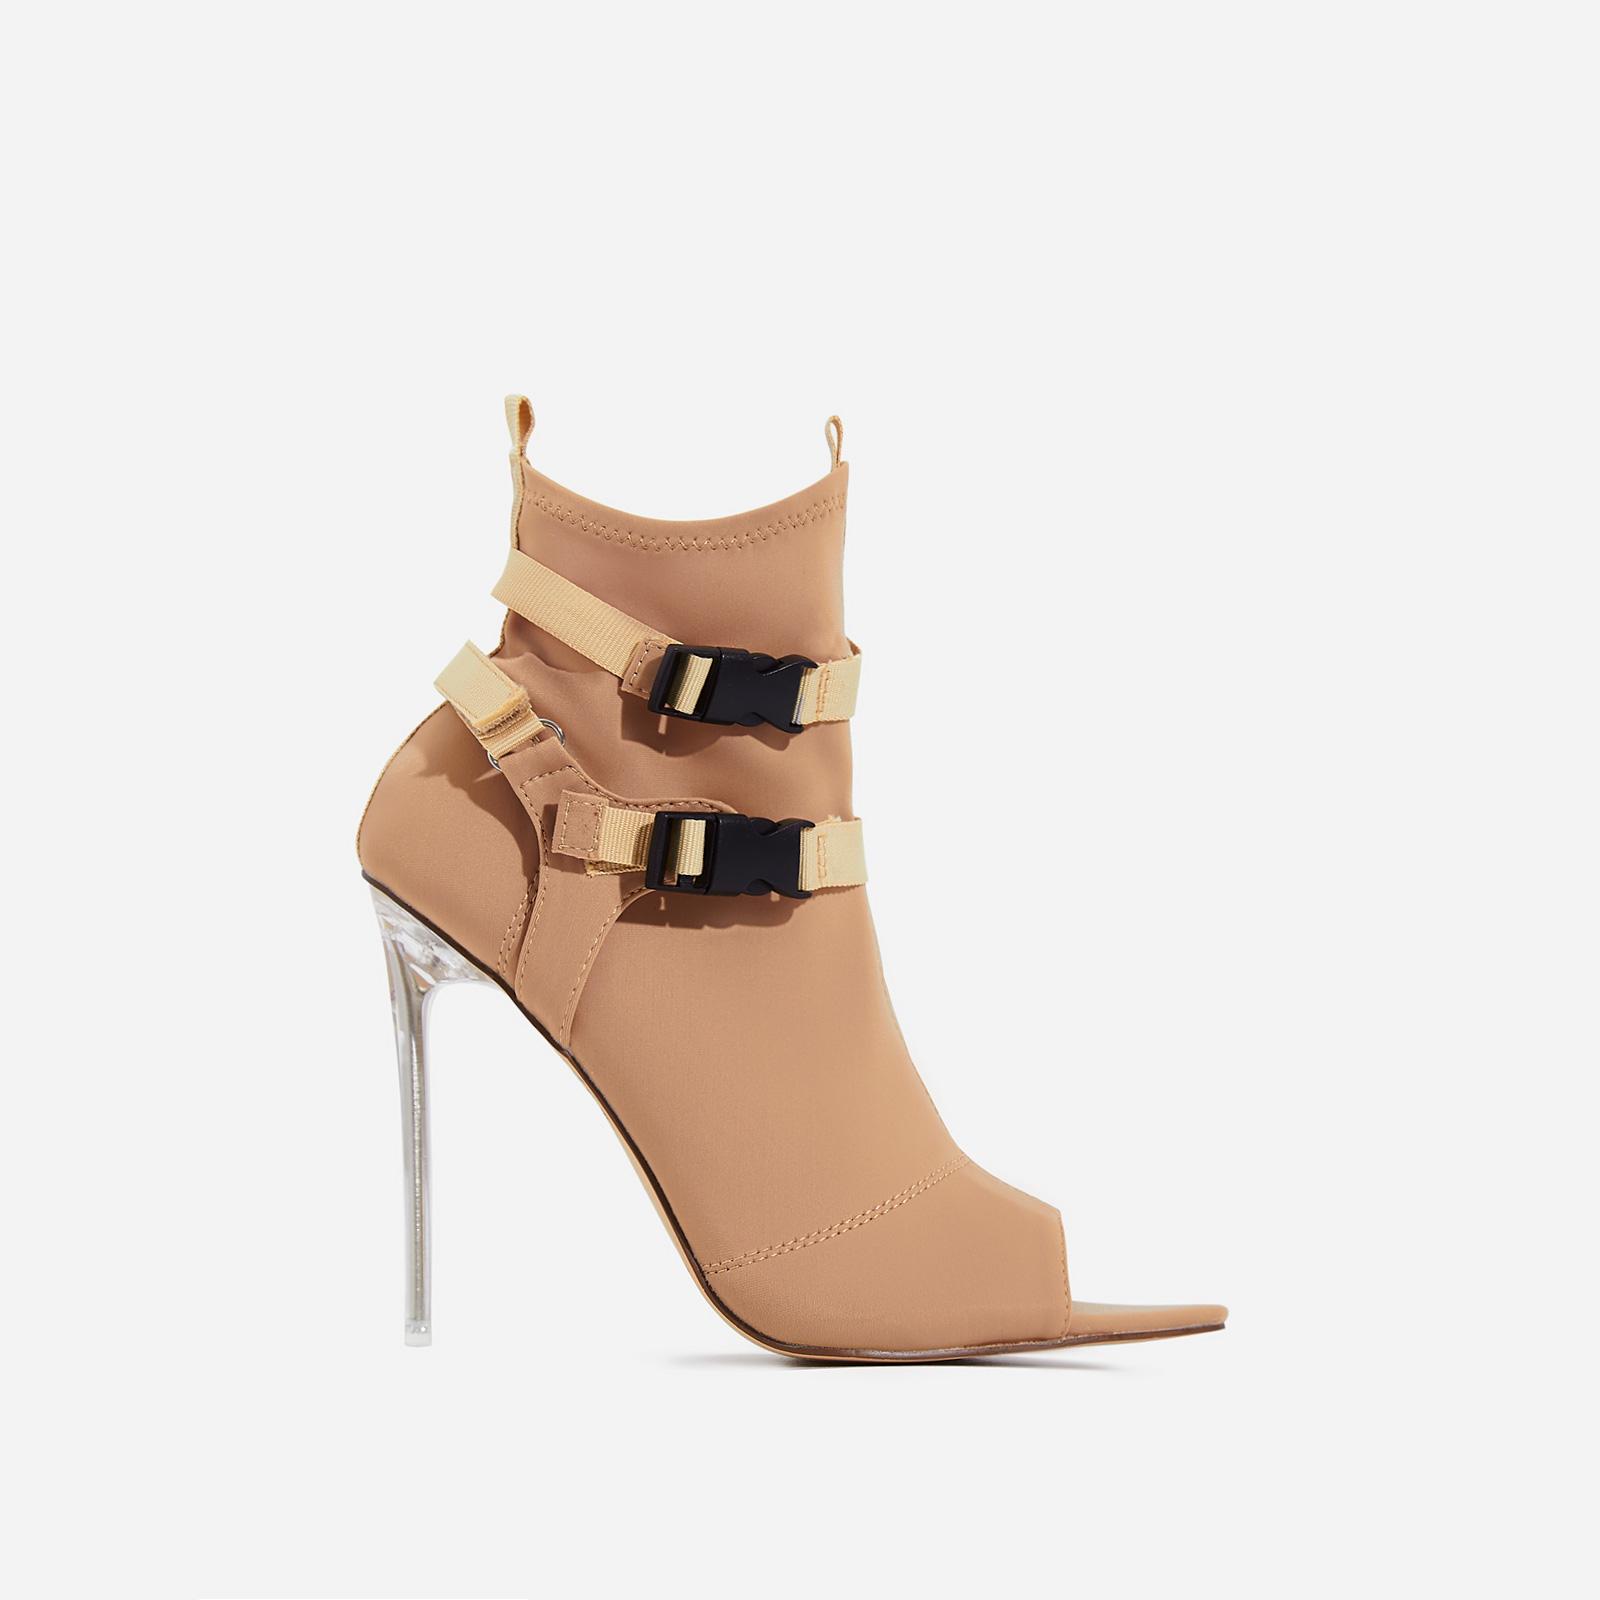 Lit Perspex Buckle Detail Pointed Peep Toe Ankle Sock Boot In Nude Lycra